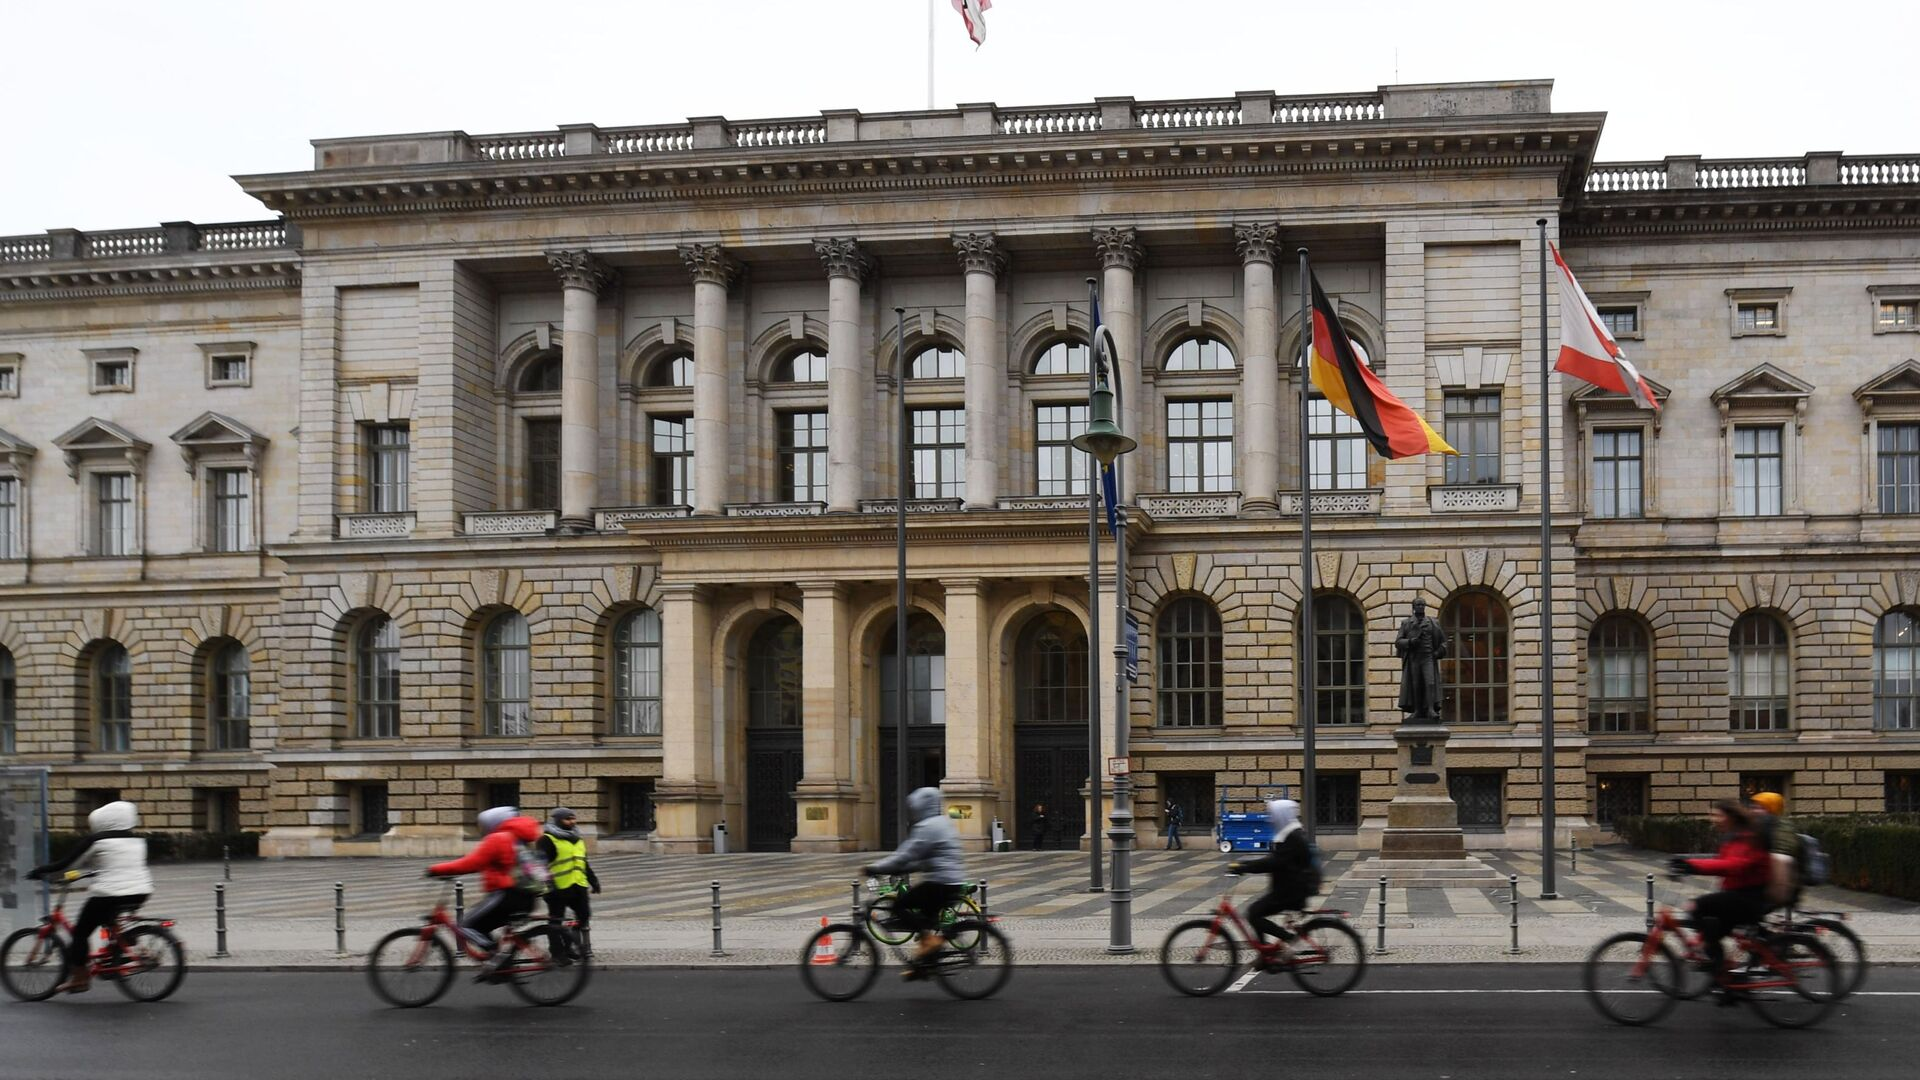 Велосипедисты едут мимо здания Палаты депутатов Берлина  - РИА Новости, 1920, 20.02.2021